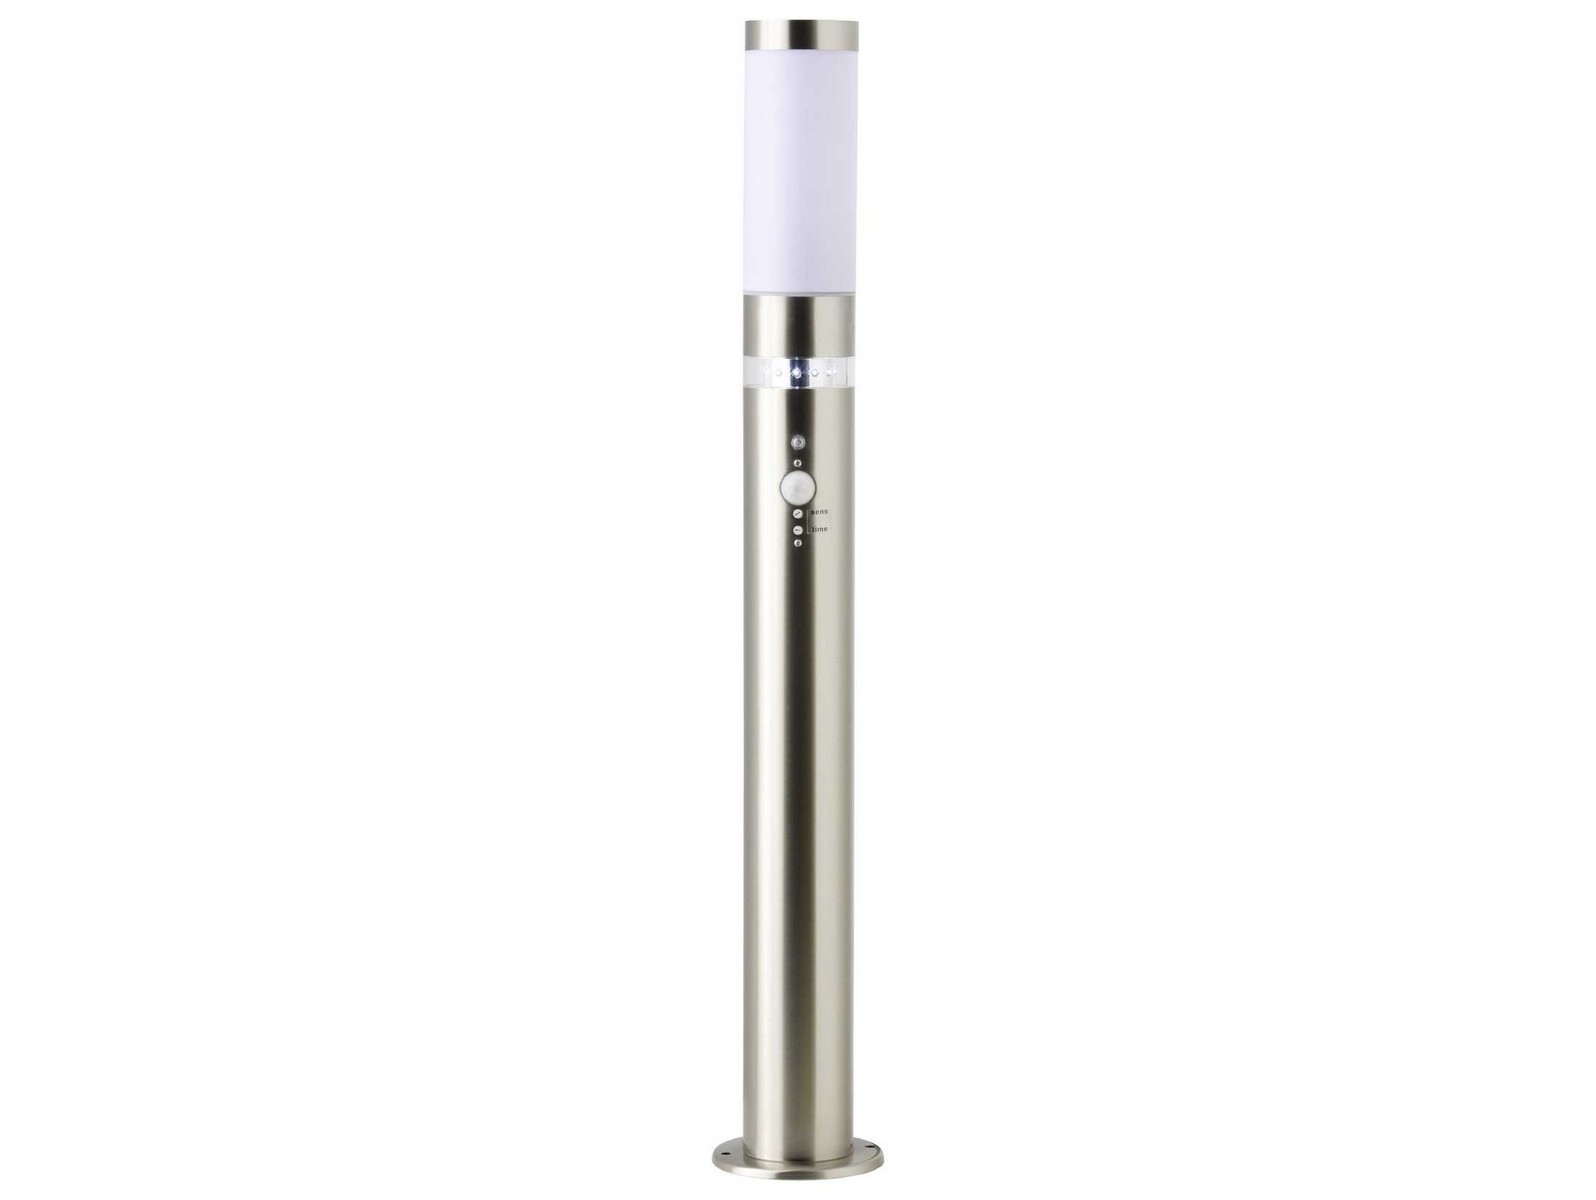 Светильник уличный BoleУличные наземные светильники<br>&amp;lt;div&amp;gt;Вид цоколя: Е27&amp;lt;/div&amp;gt;&amp;lt;div&amp;gt;Мощность лампы: 60W&amp;lt;/div&amp;gt;&amp;lt;div&amp;gt;Количество ламп: 1&amp;lt;/div&amp;gt;&amp;lt;div&amp;gt;Наличие ламп: нет&amp;lt;br&amp;gt;Степень пылевлагозащиты: IP44&amp;lt;/div&amp;gt;<br><br>Material: Металл<br>Высота см: 77